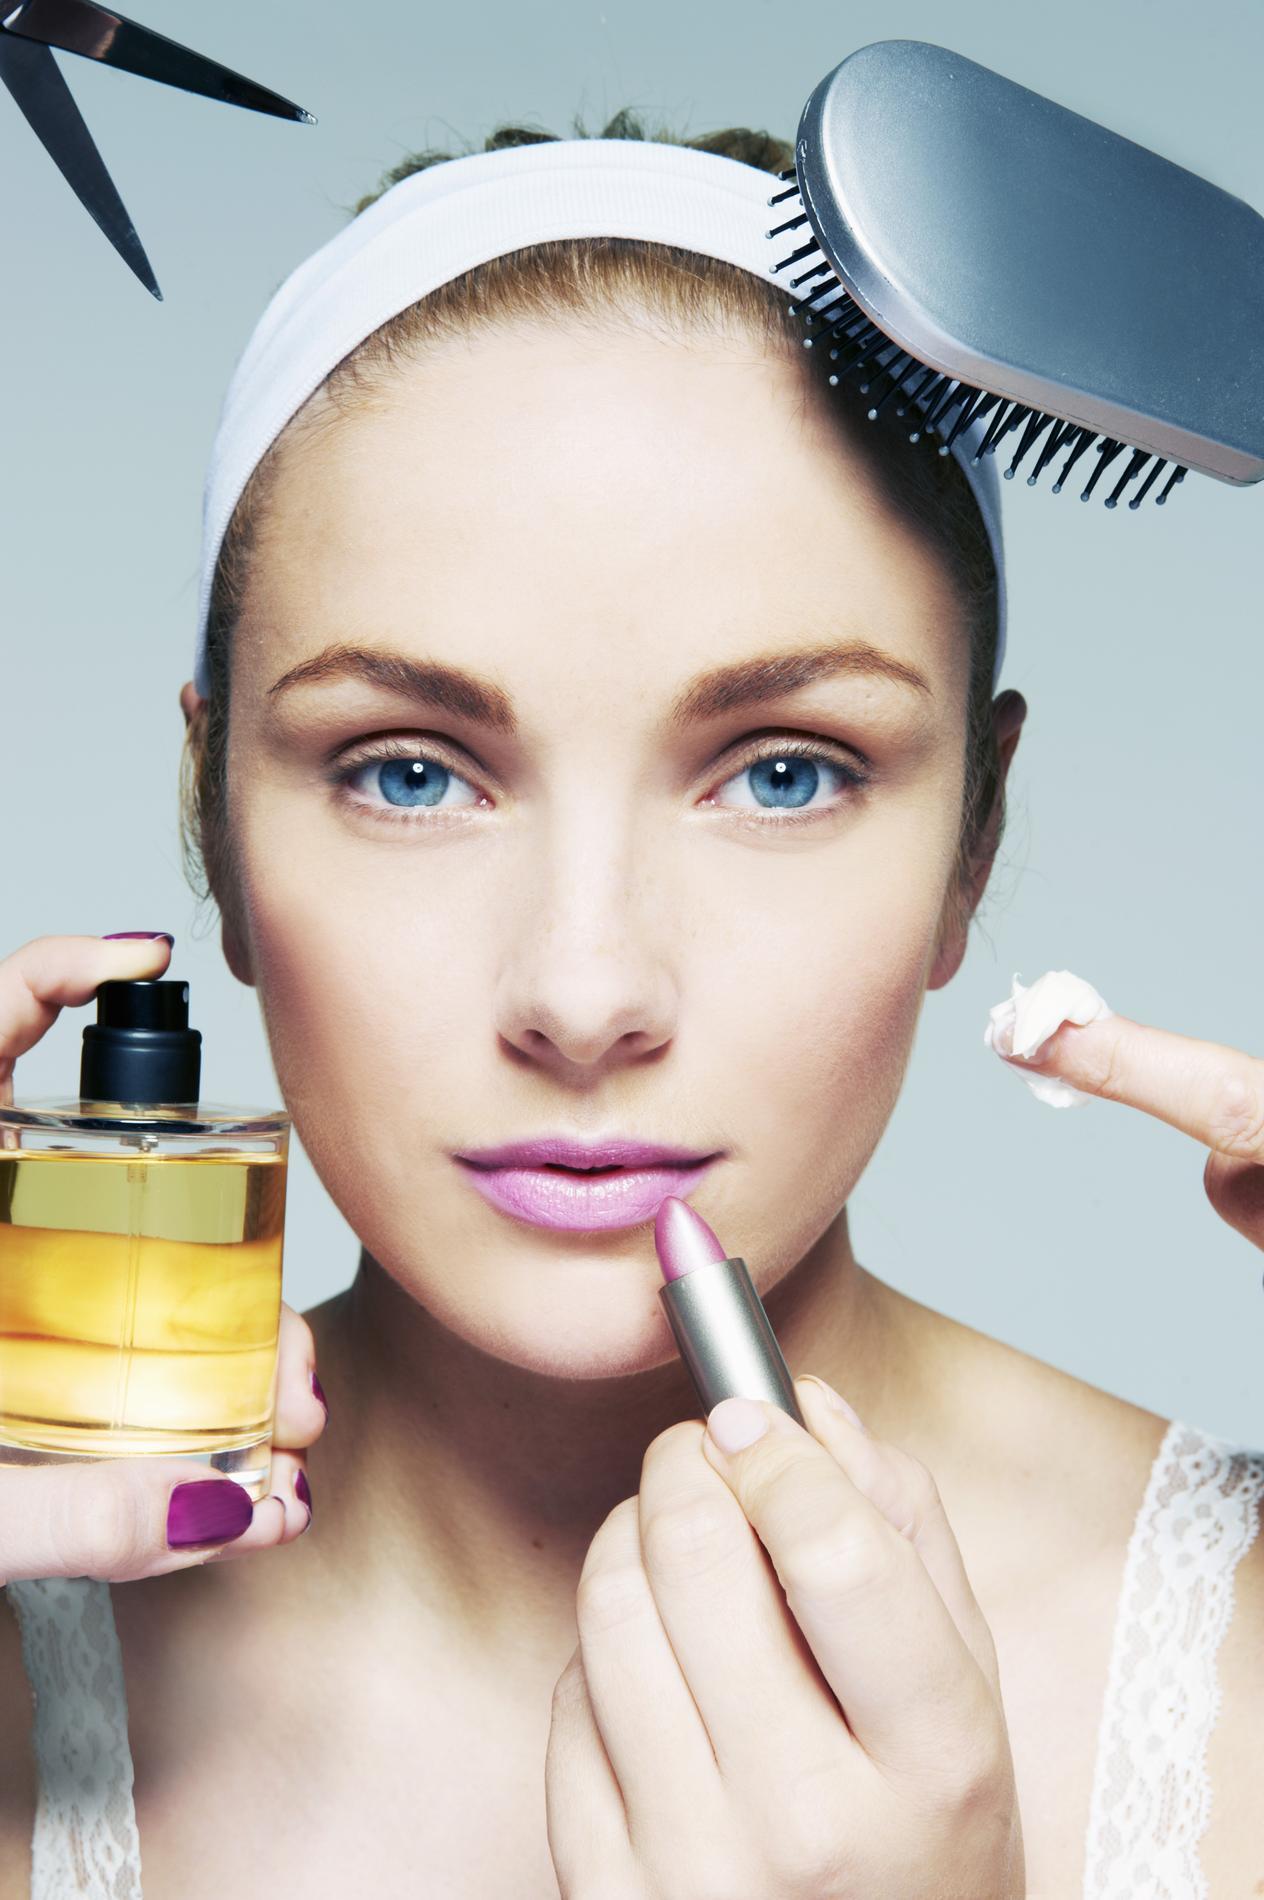 Blog beauté : doit-on différencier la crème hydratante du soir et du matin ?